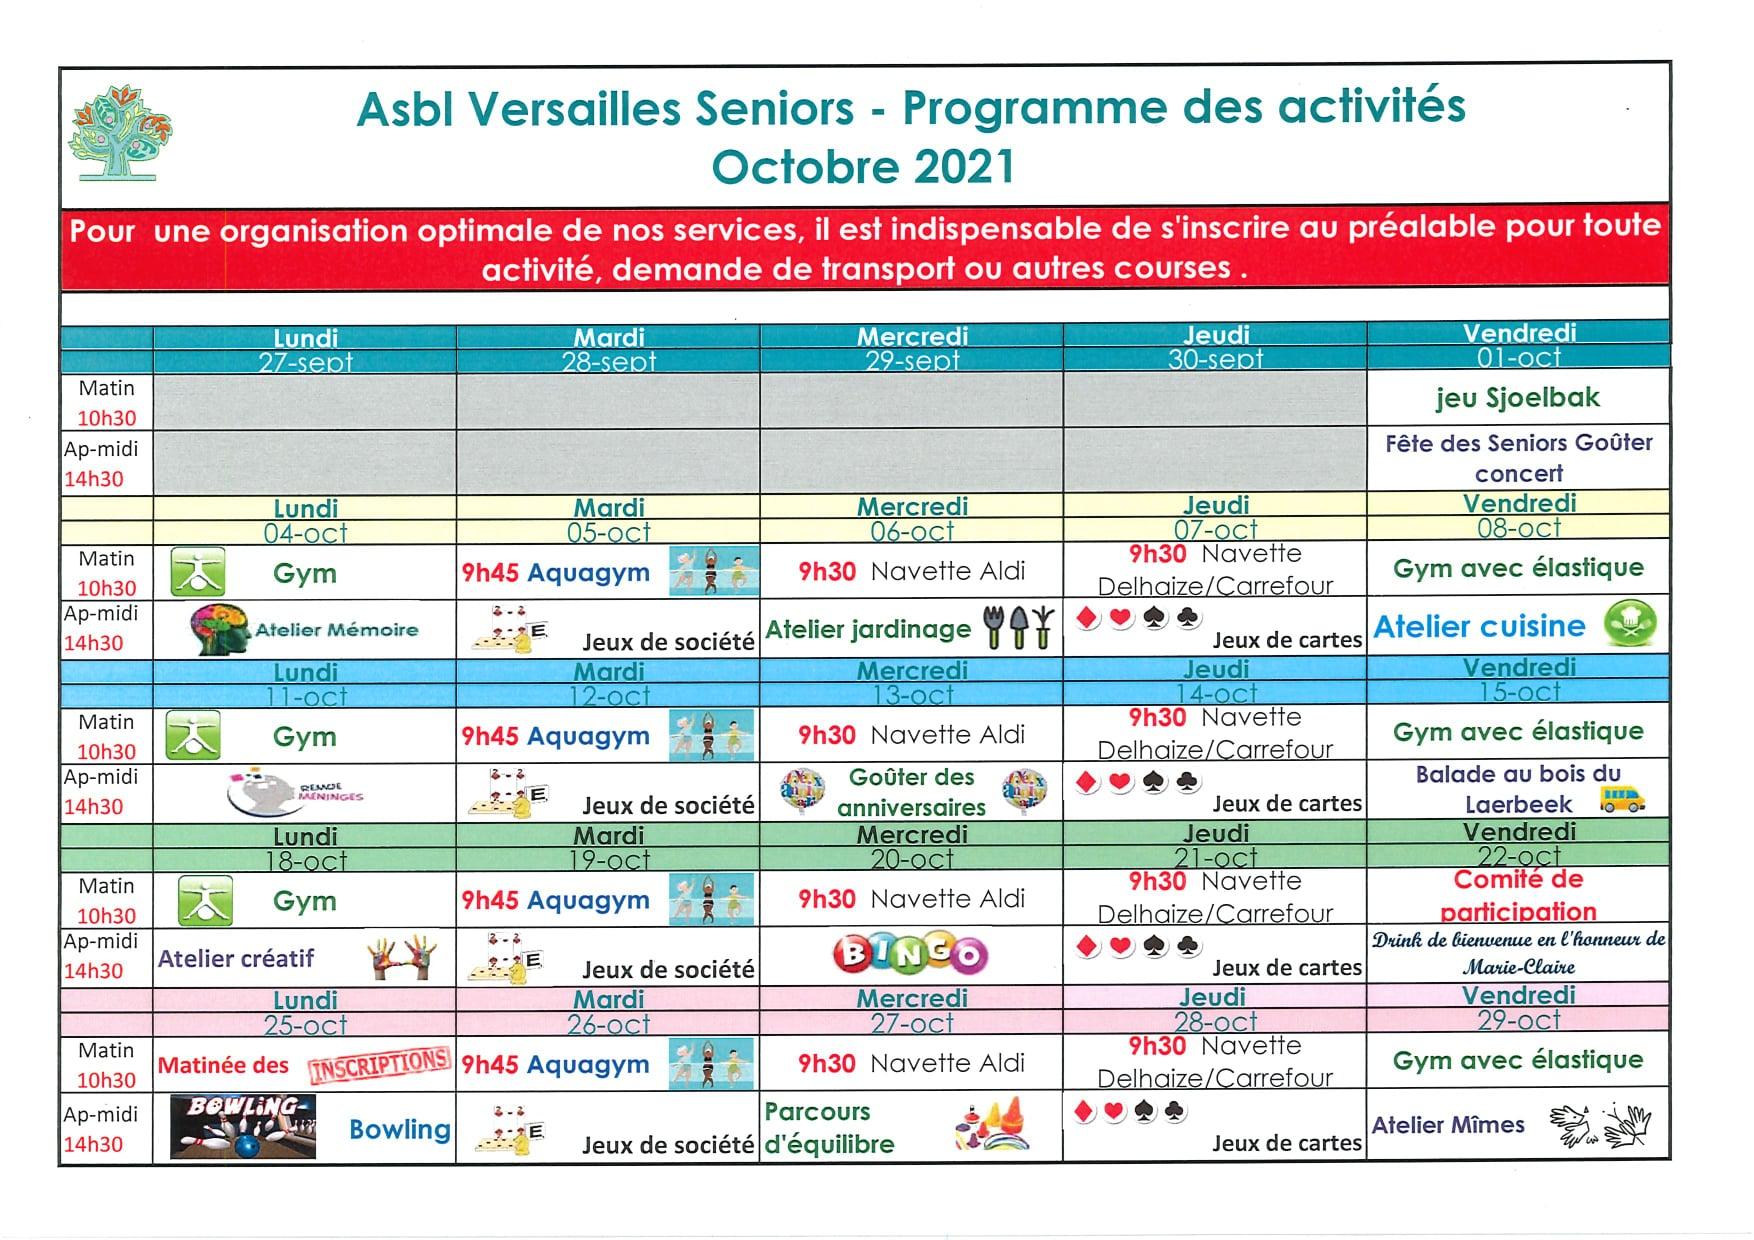 Programme d'octobre de Versailles Seniors